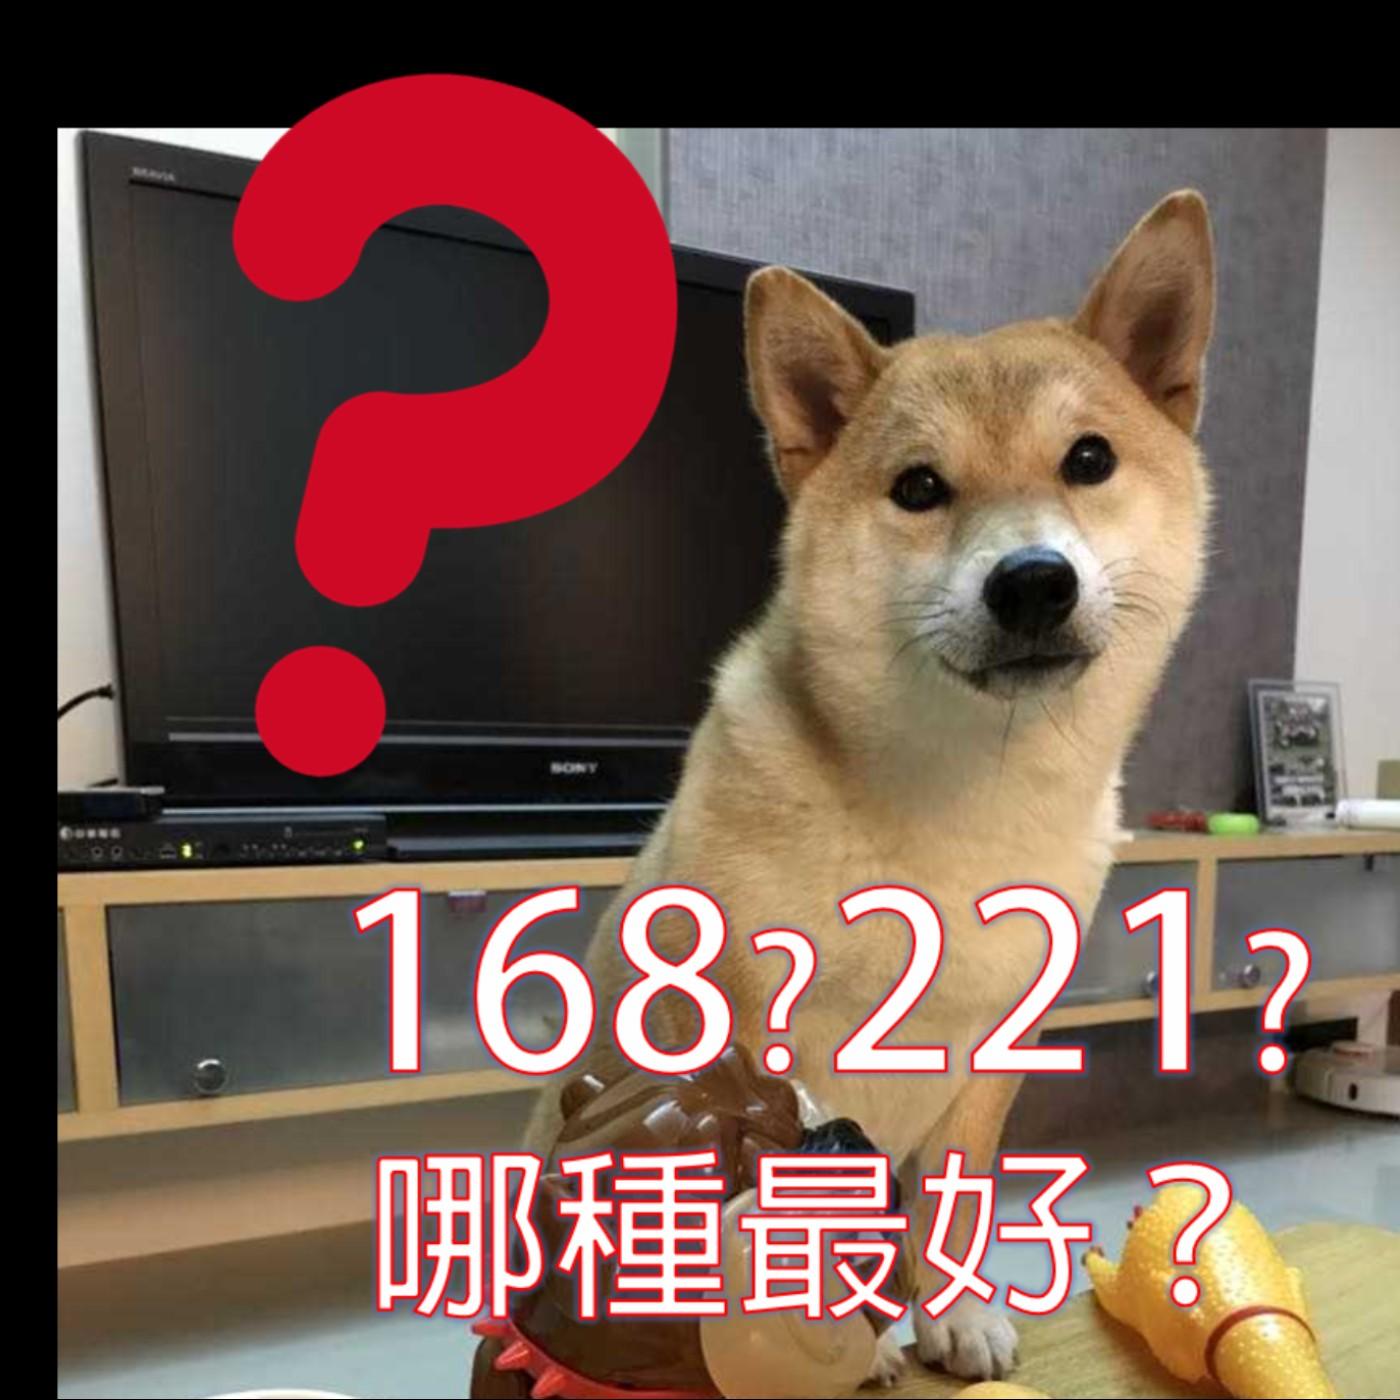 名醫來講醣-體重控制要168?211? 哪個最好 ep9